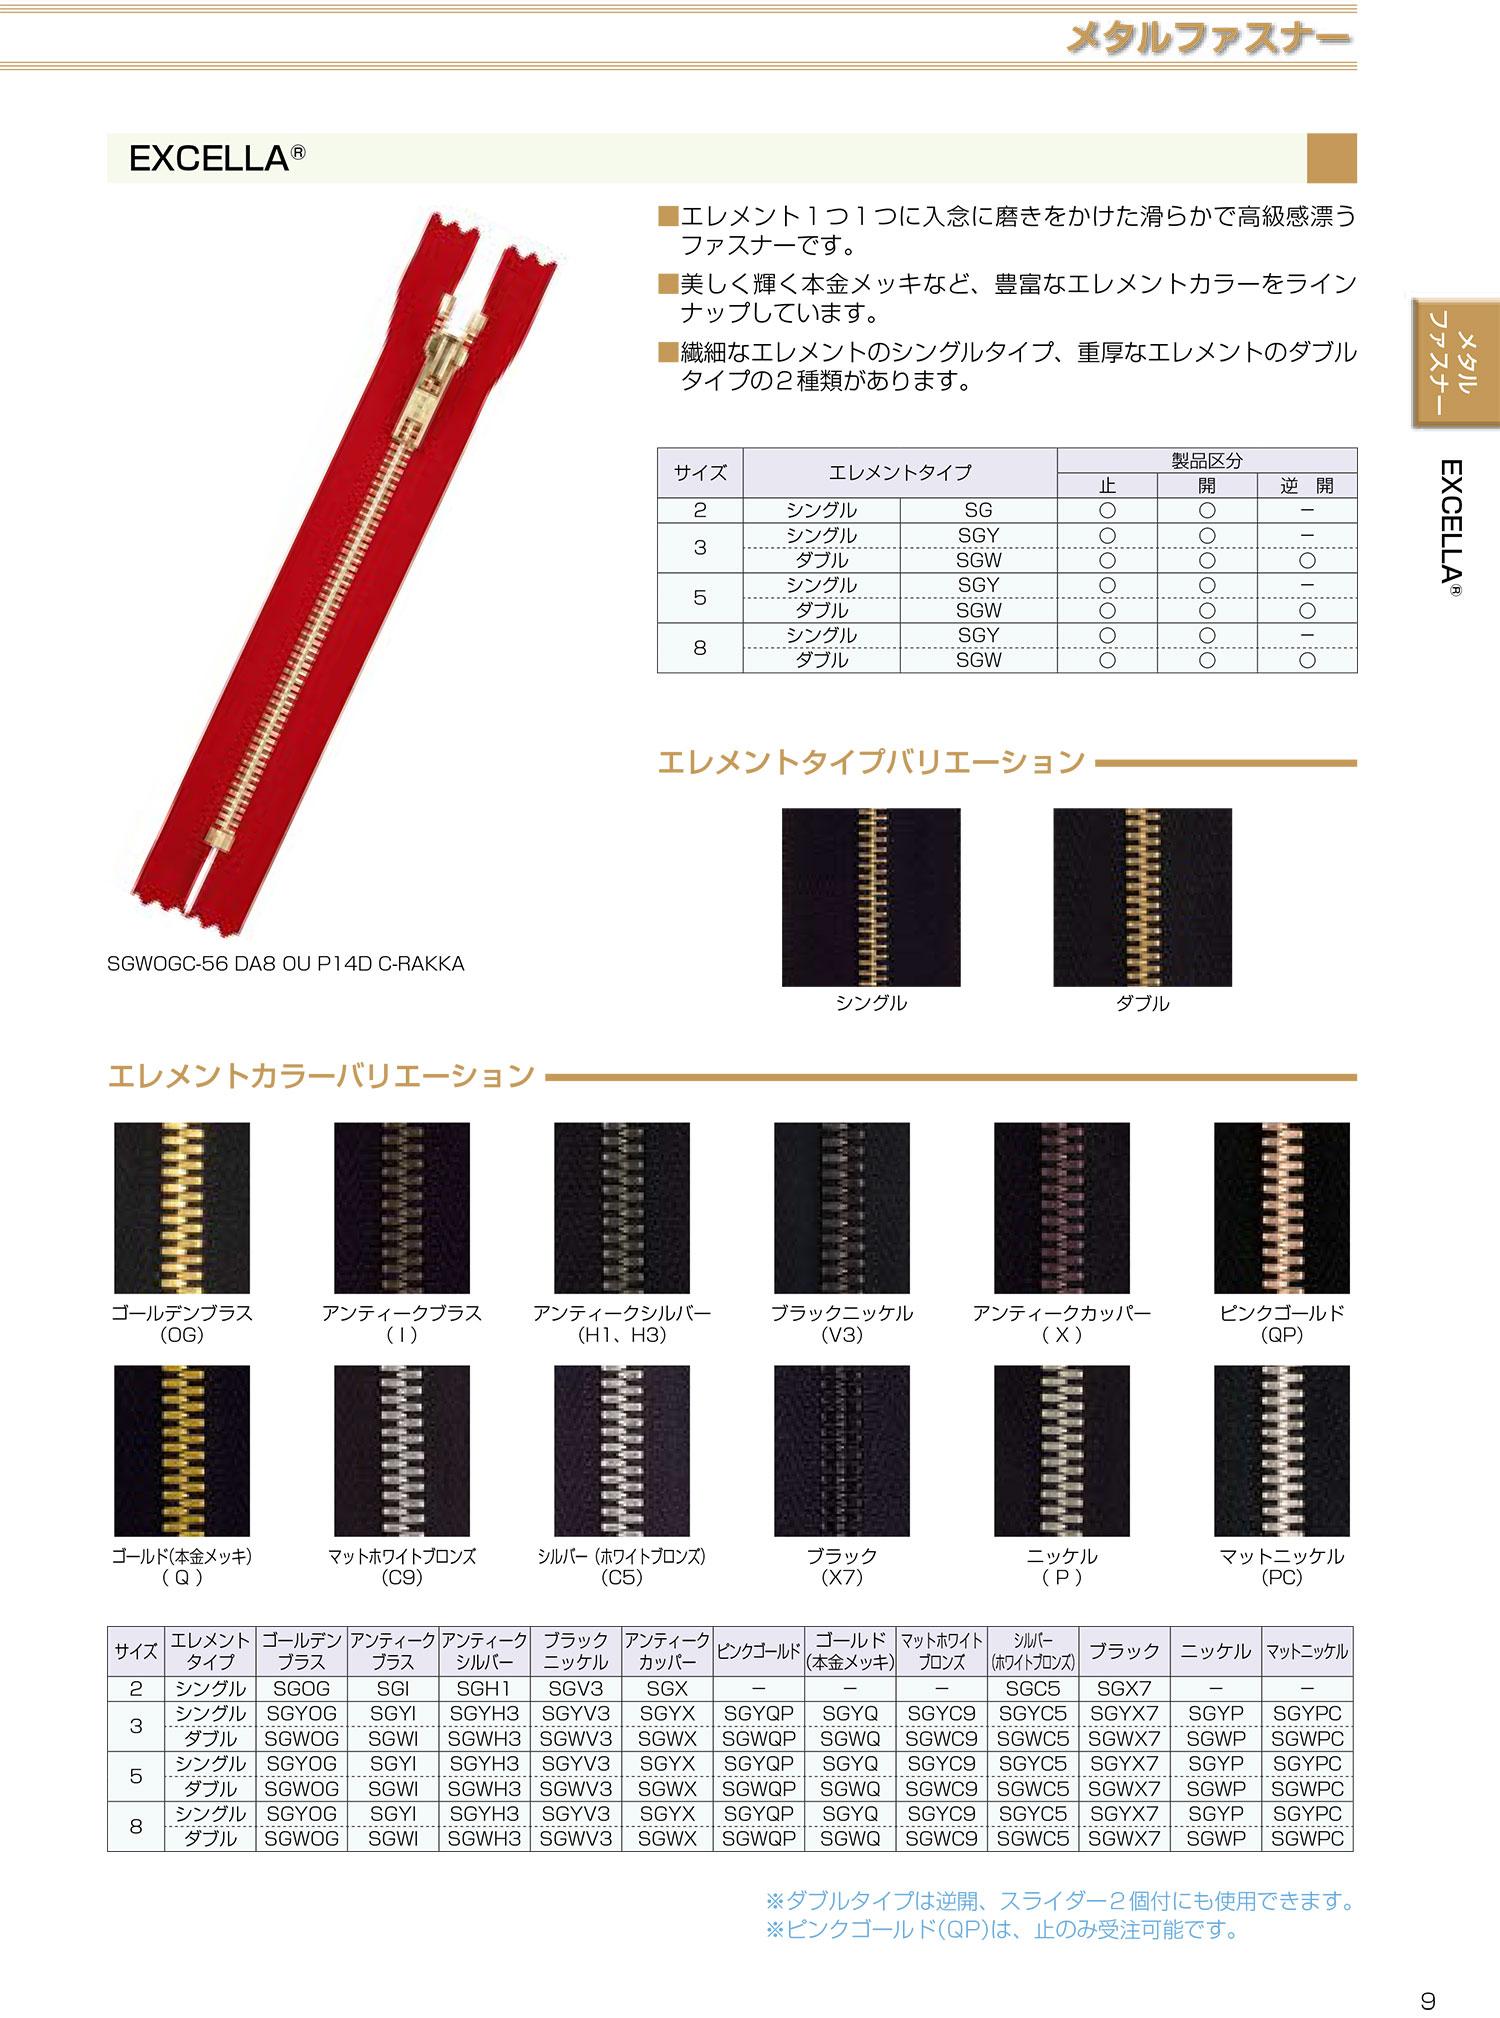 8SGWV3C エクセラ 8サイズ ブラックニッケル 止め ダブル[ファスナー] YKK/オークラ商事 - ApparelX アパレル資材卸通販